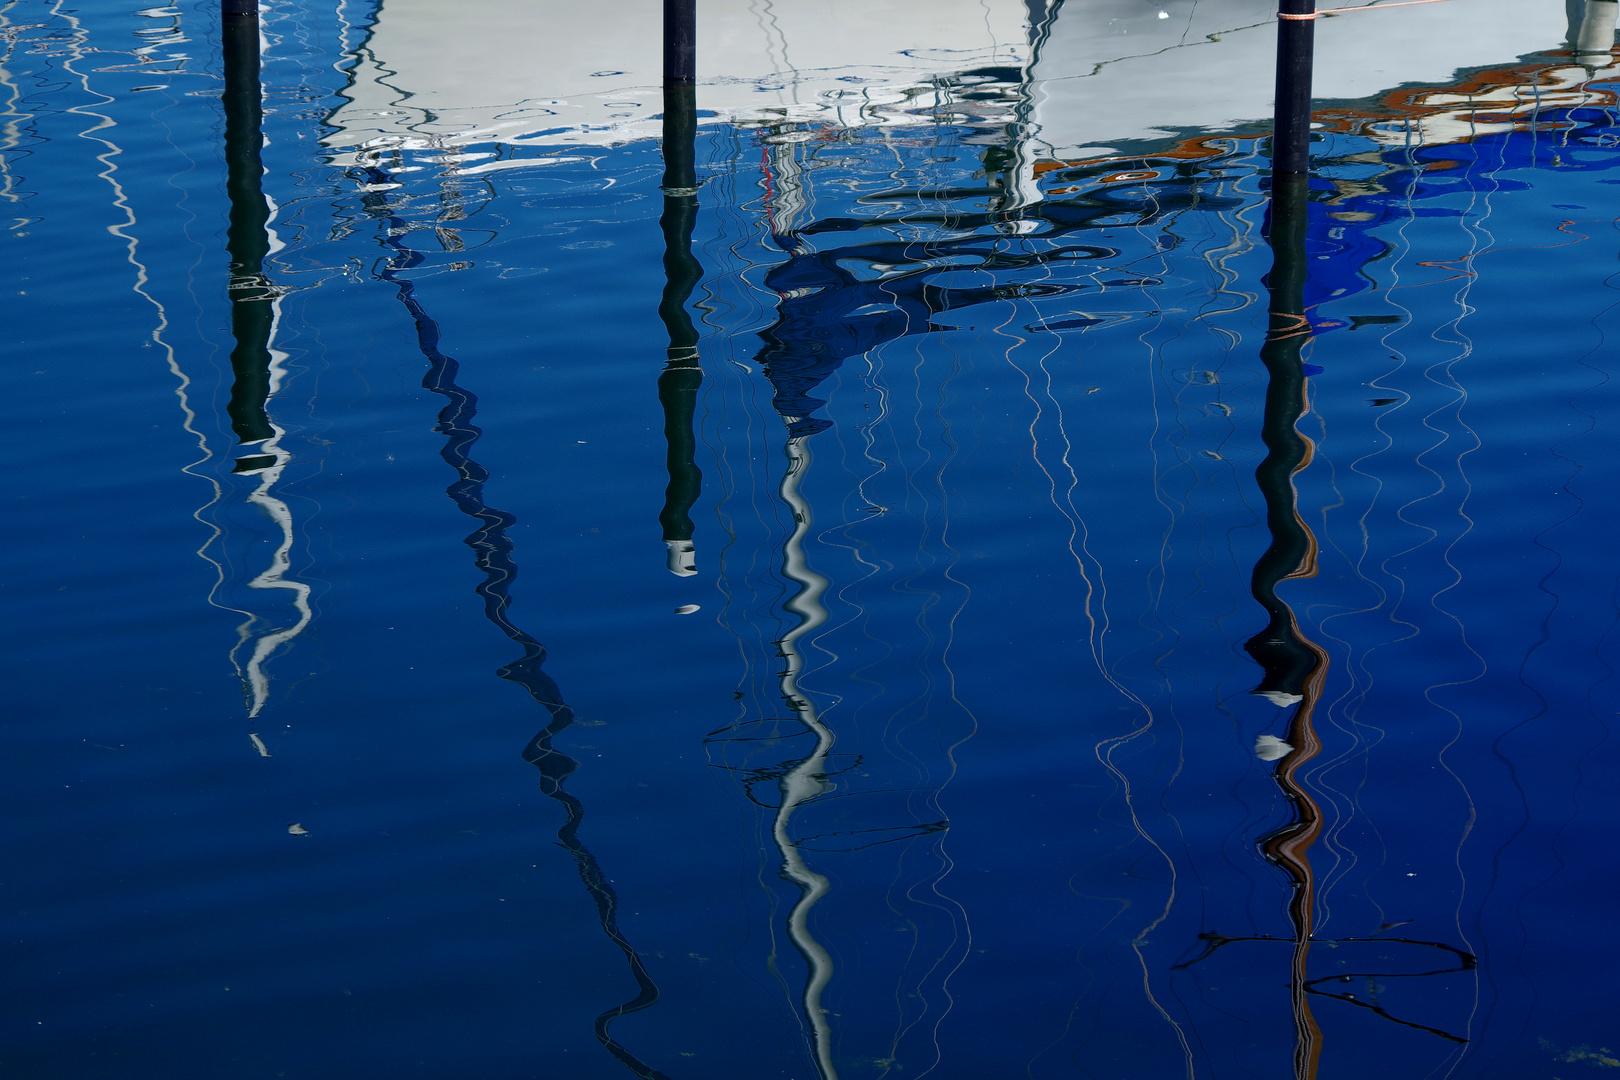 Wasserspiegelung im Schilkseer Yachthafen